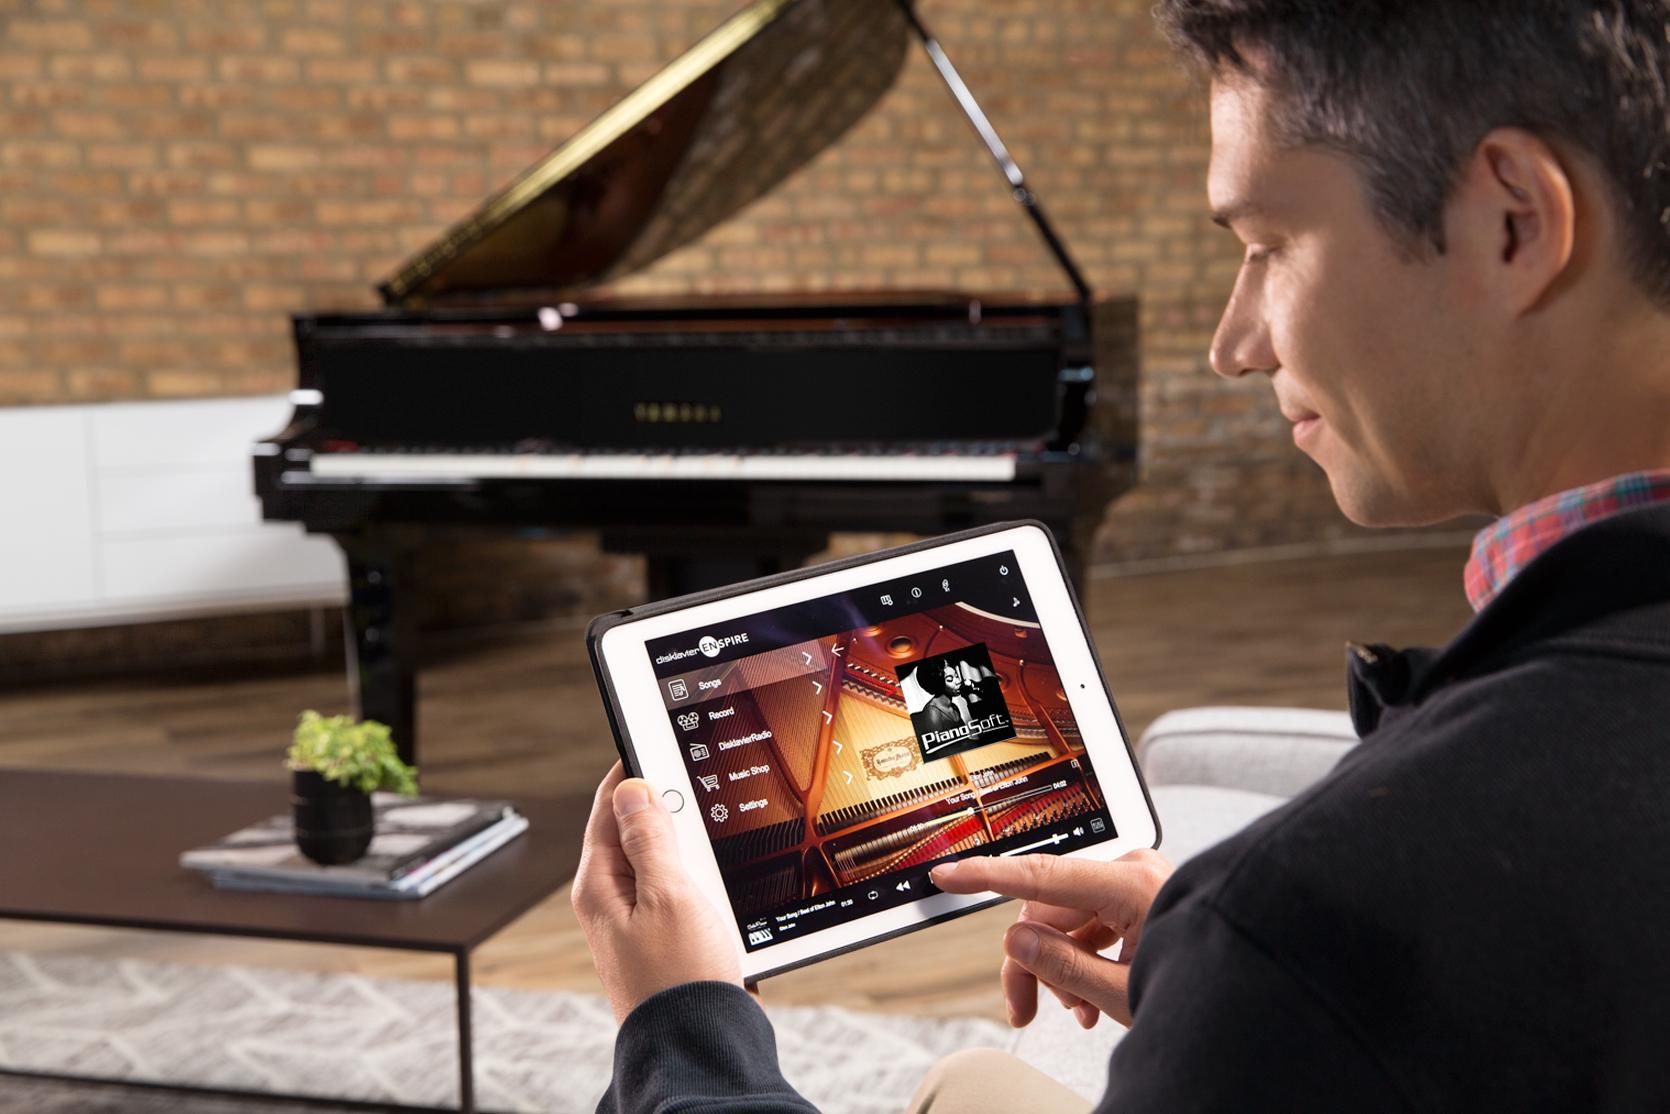 Steuerung des Disklaviers von Yamaha über ein Tablet